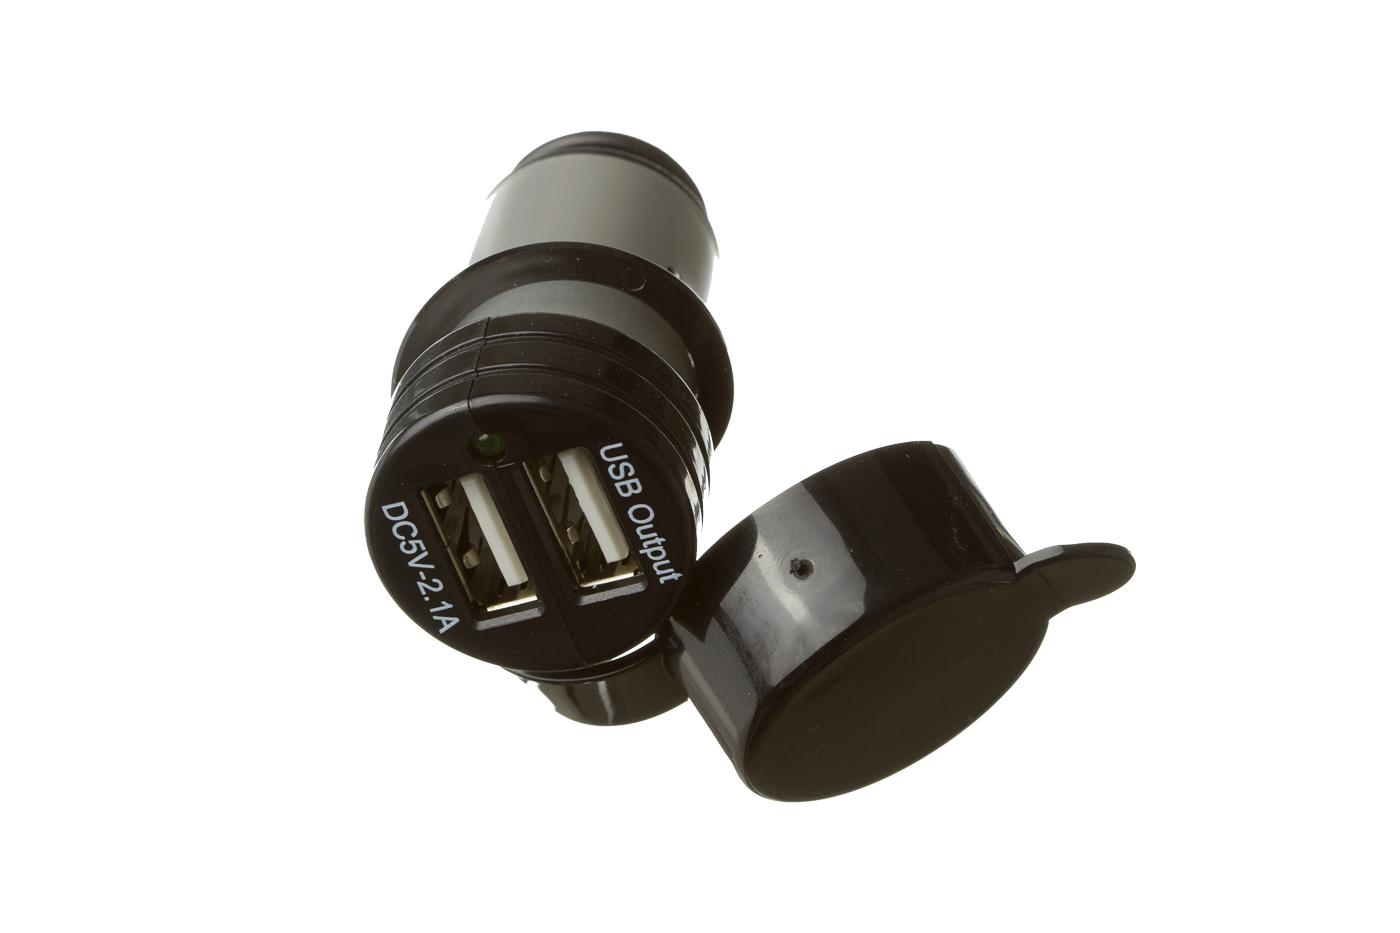 Conector USB mechero de doble entrada USB